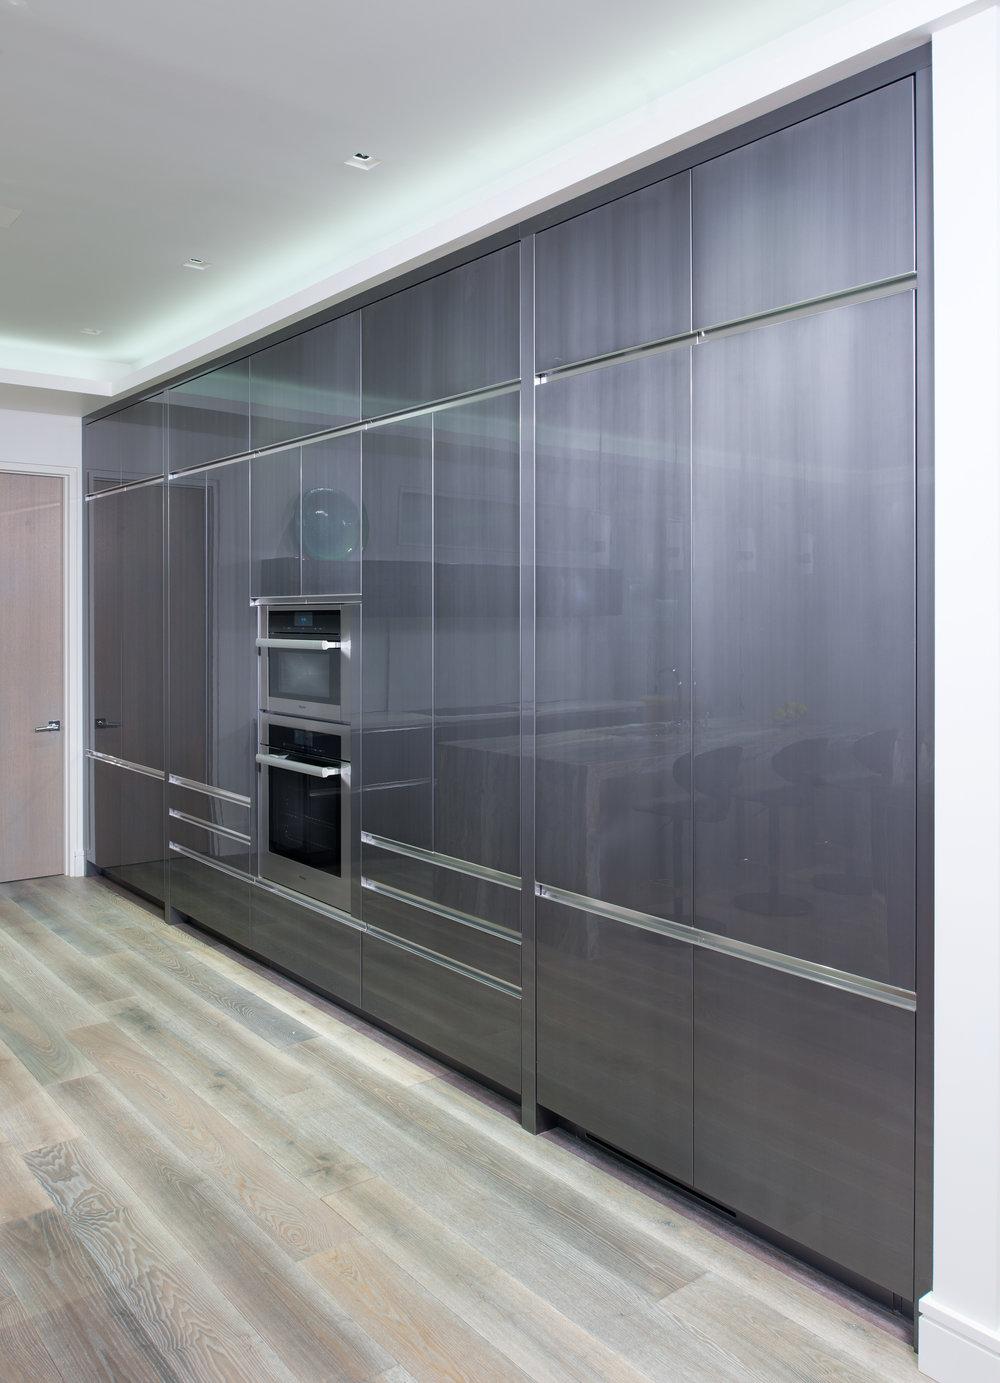 kitchen_bath_concepts_Kitchen_10340b.jpg